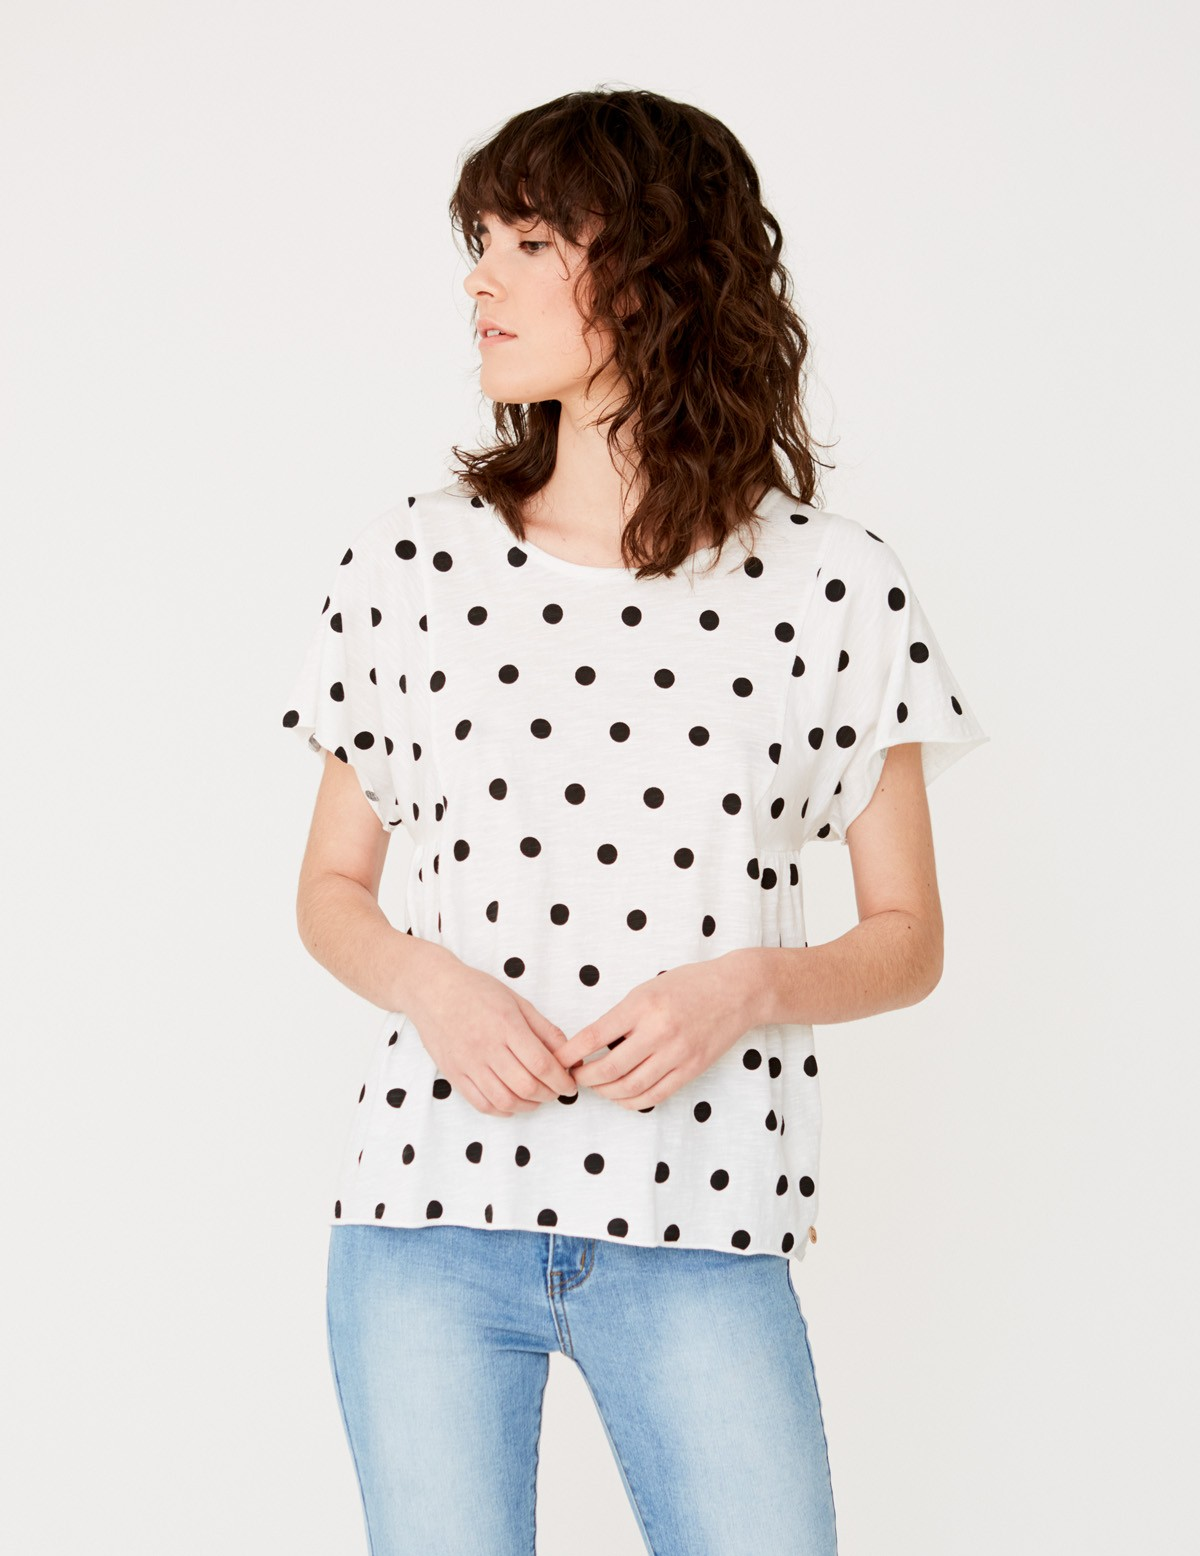 Camiseta topos algodón orgánico